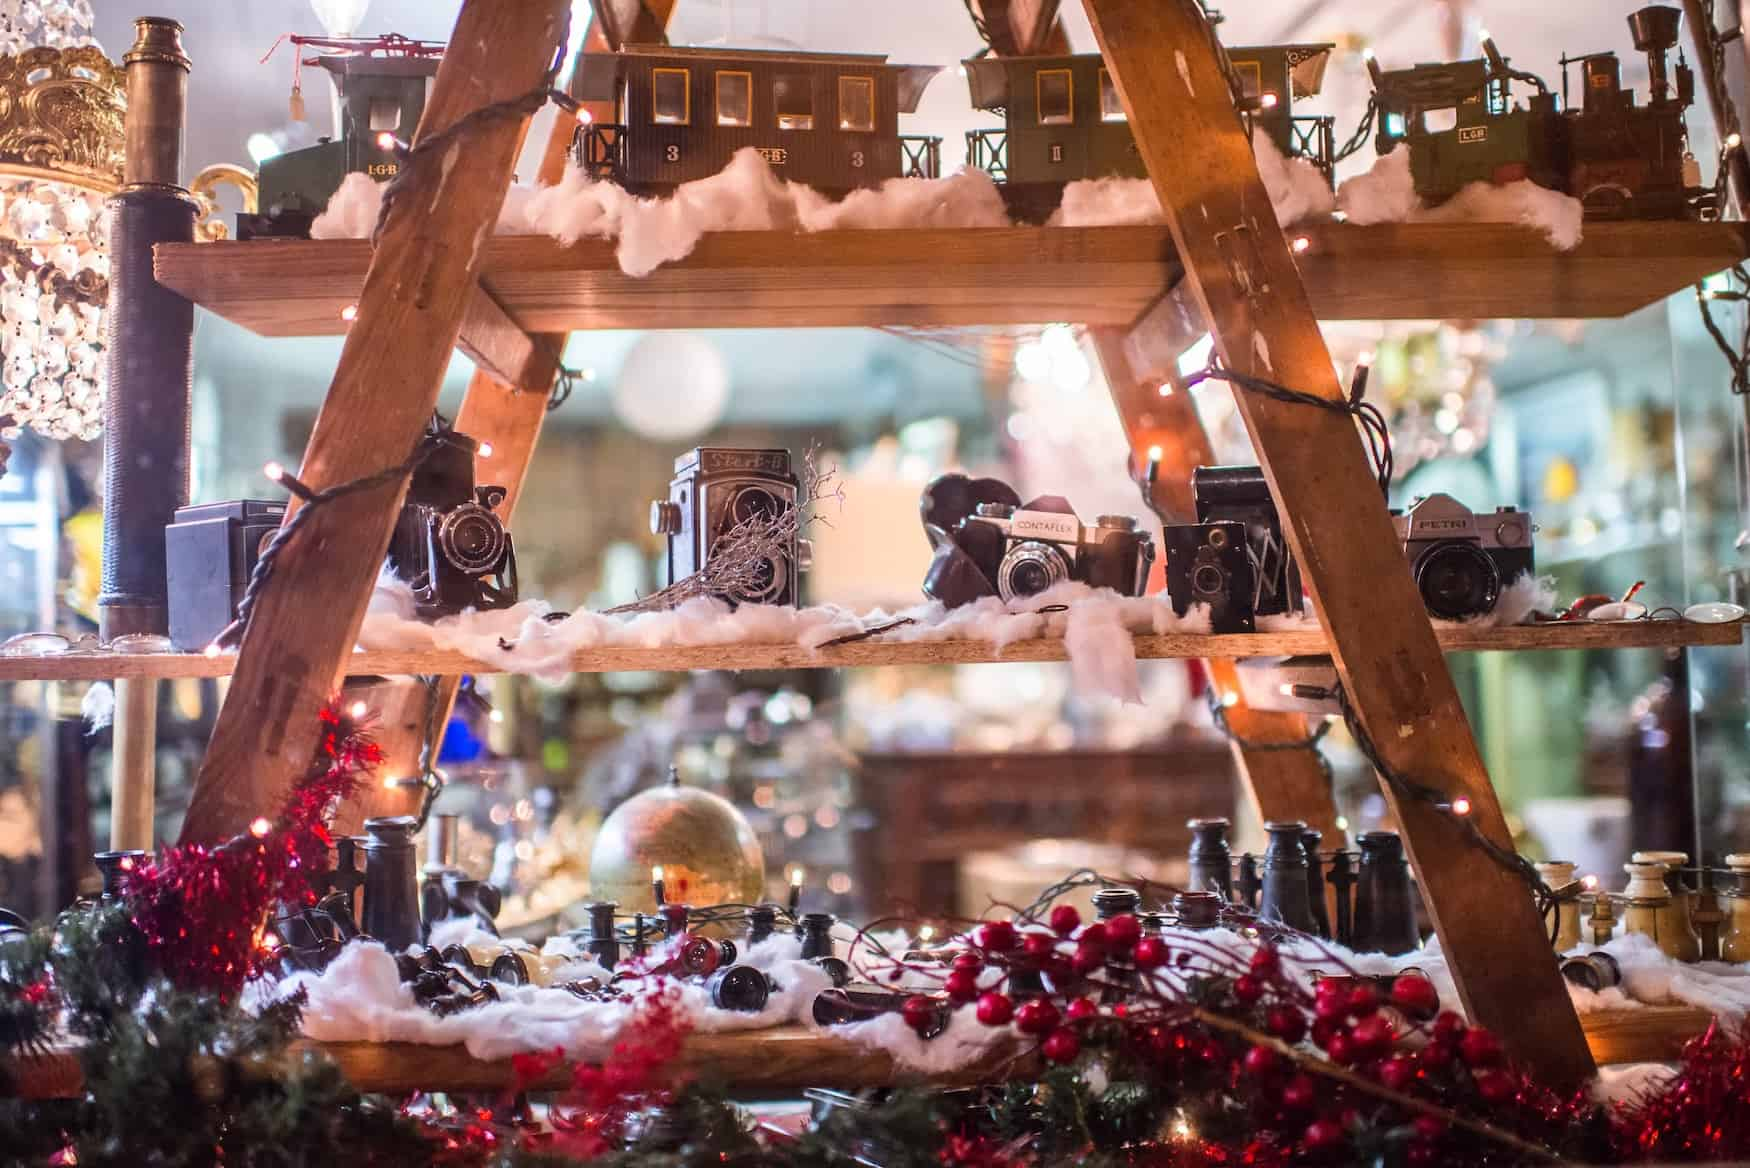 Warenauslage Weihnachtsmarktbude